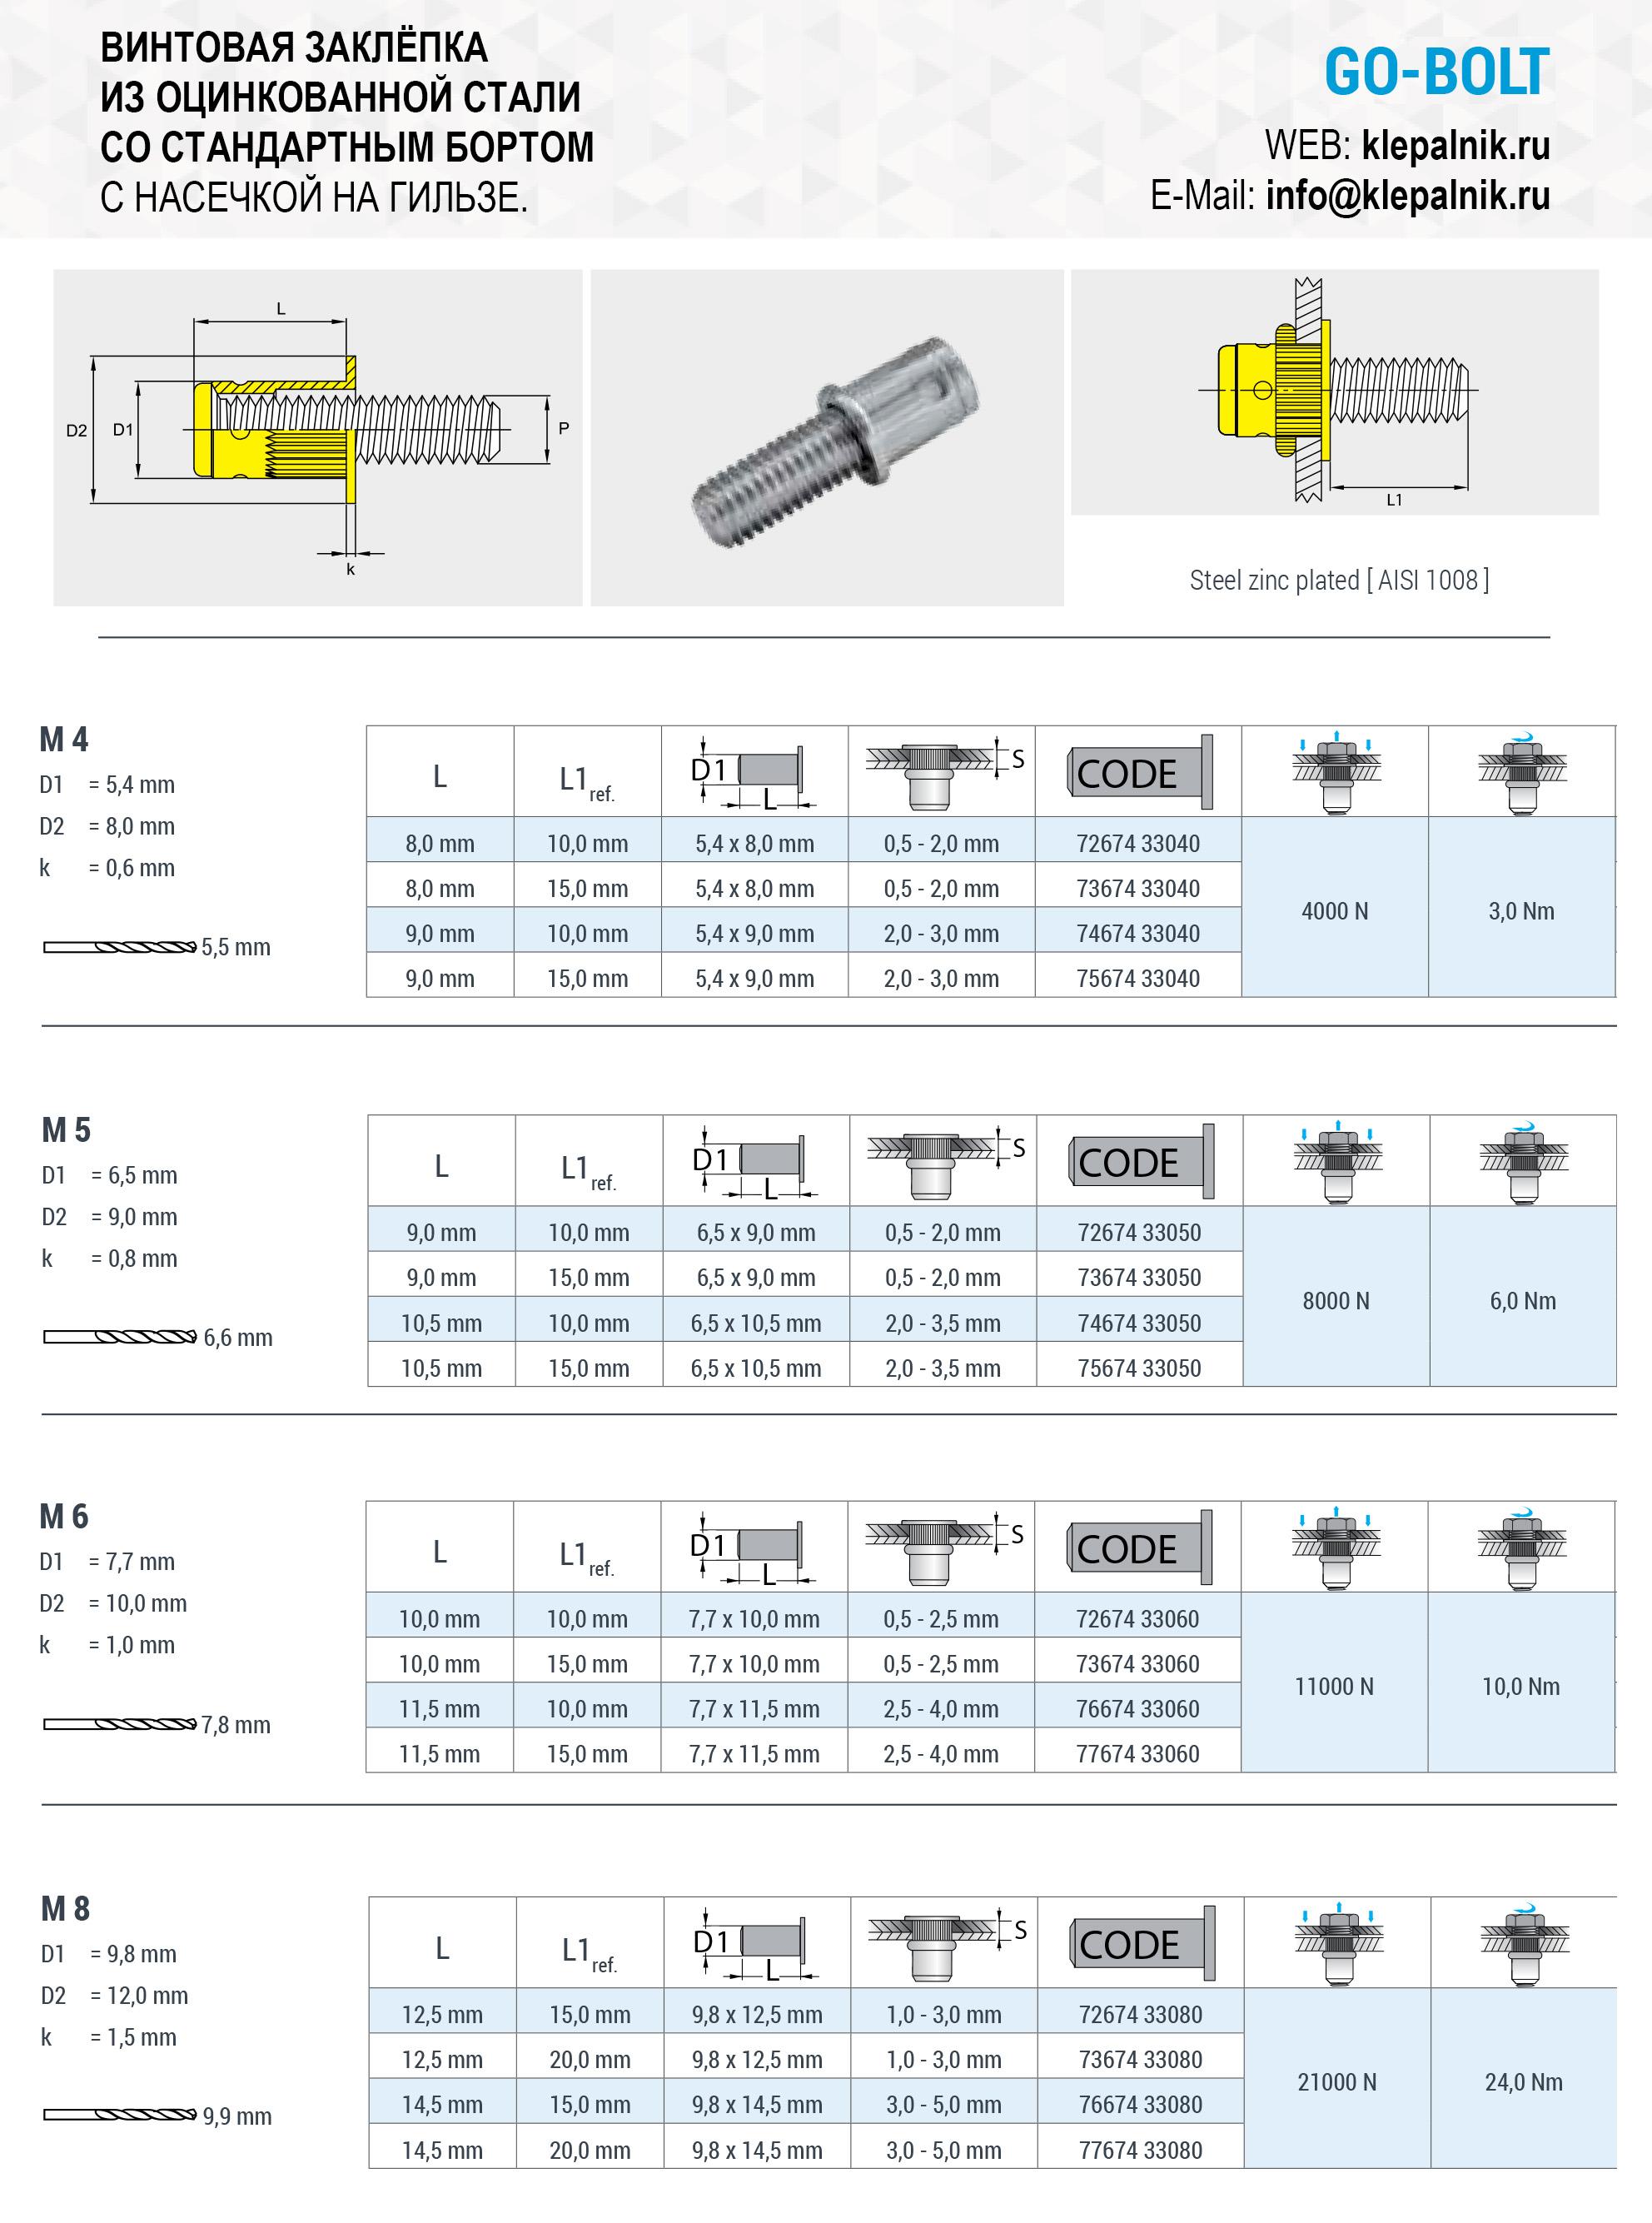 Размеры винтовых заклёпок из оцинкованной стали со стандартным бортиком